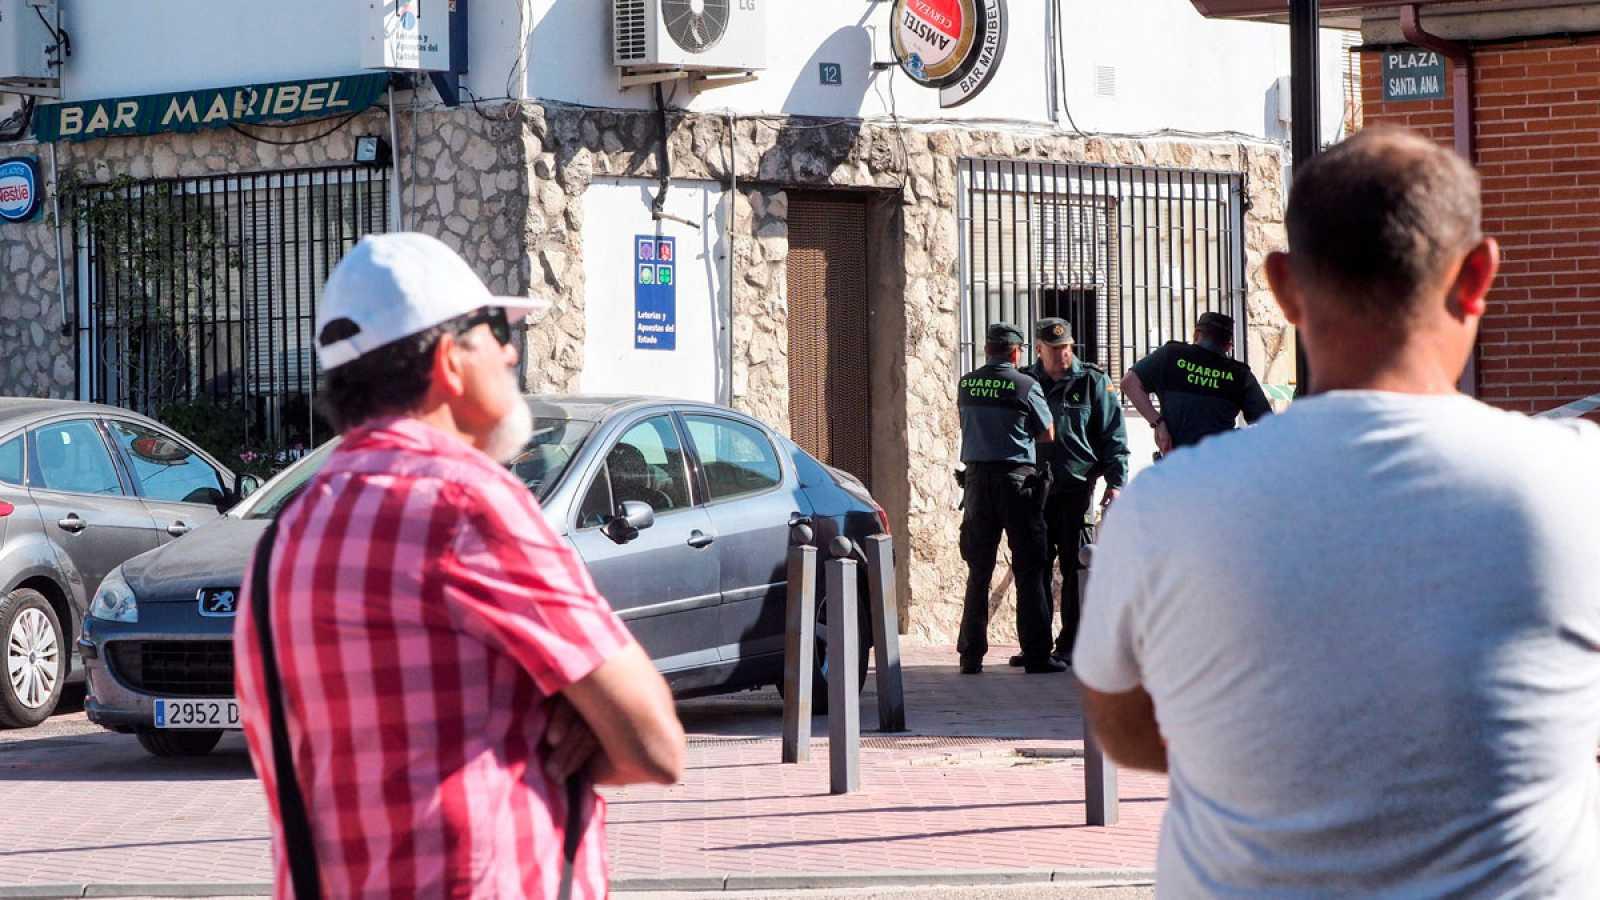 Mata a tiros a un hombre y hiere a otros tres en un bar de Castrillo-Tejeriego, Valladolid